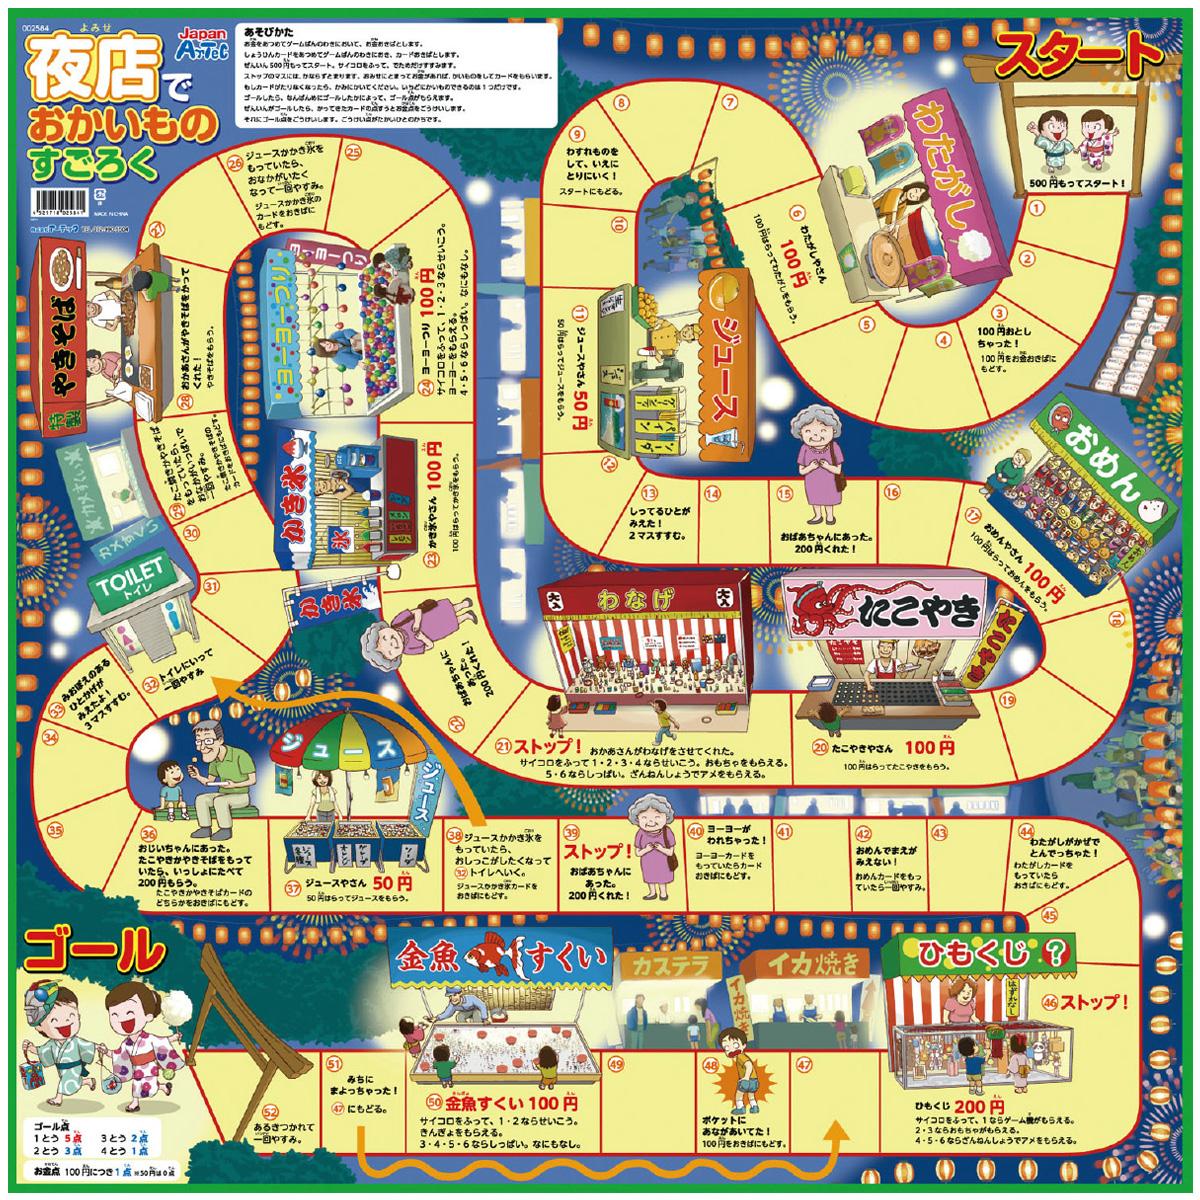 すごろく 3点セット 幼児 子供 ボードゲーム カード ゲーム おもちゃ 知育玩具 キッズ 小学生 カードゲーム 小学生